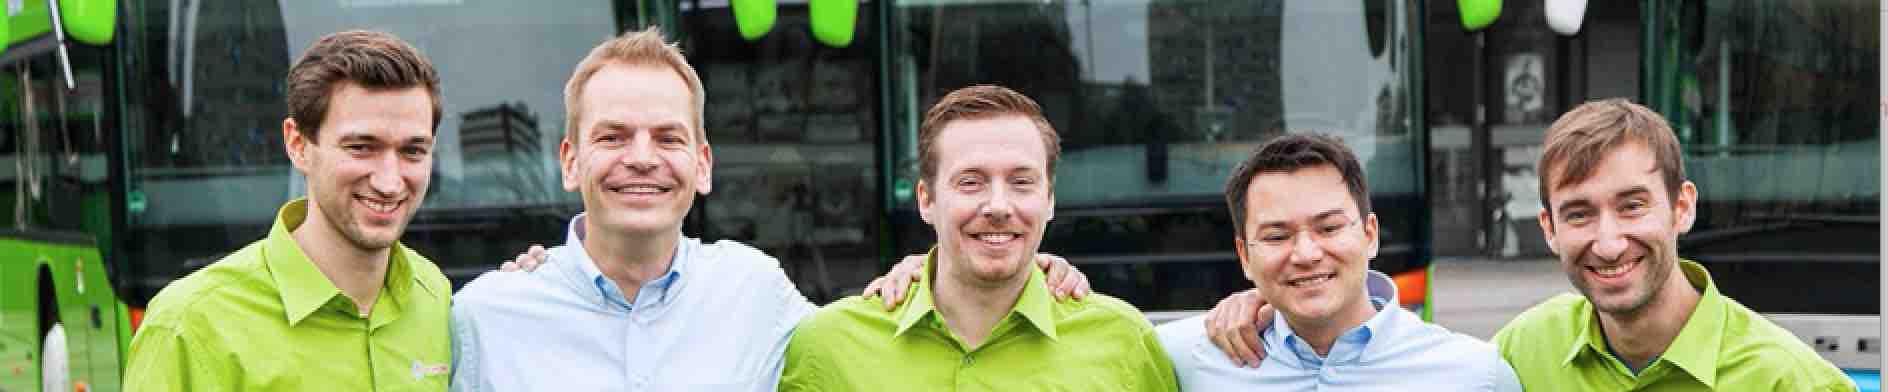 Zakladatelé společností FlixBus a Meinfernbus